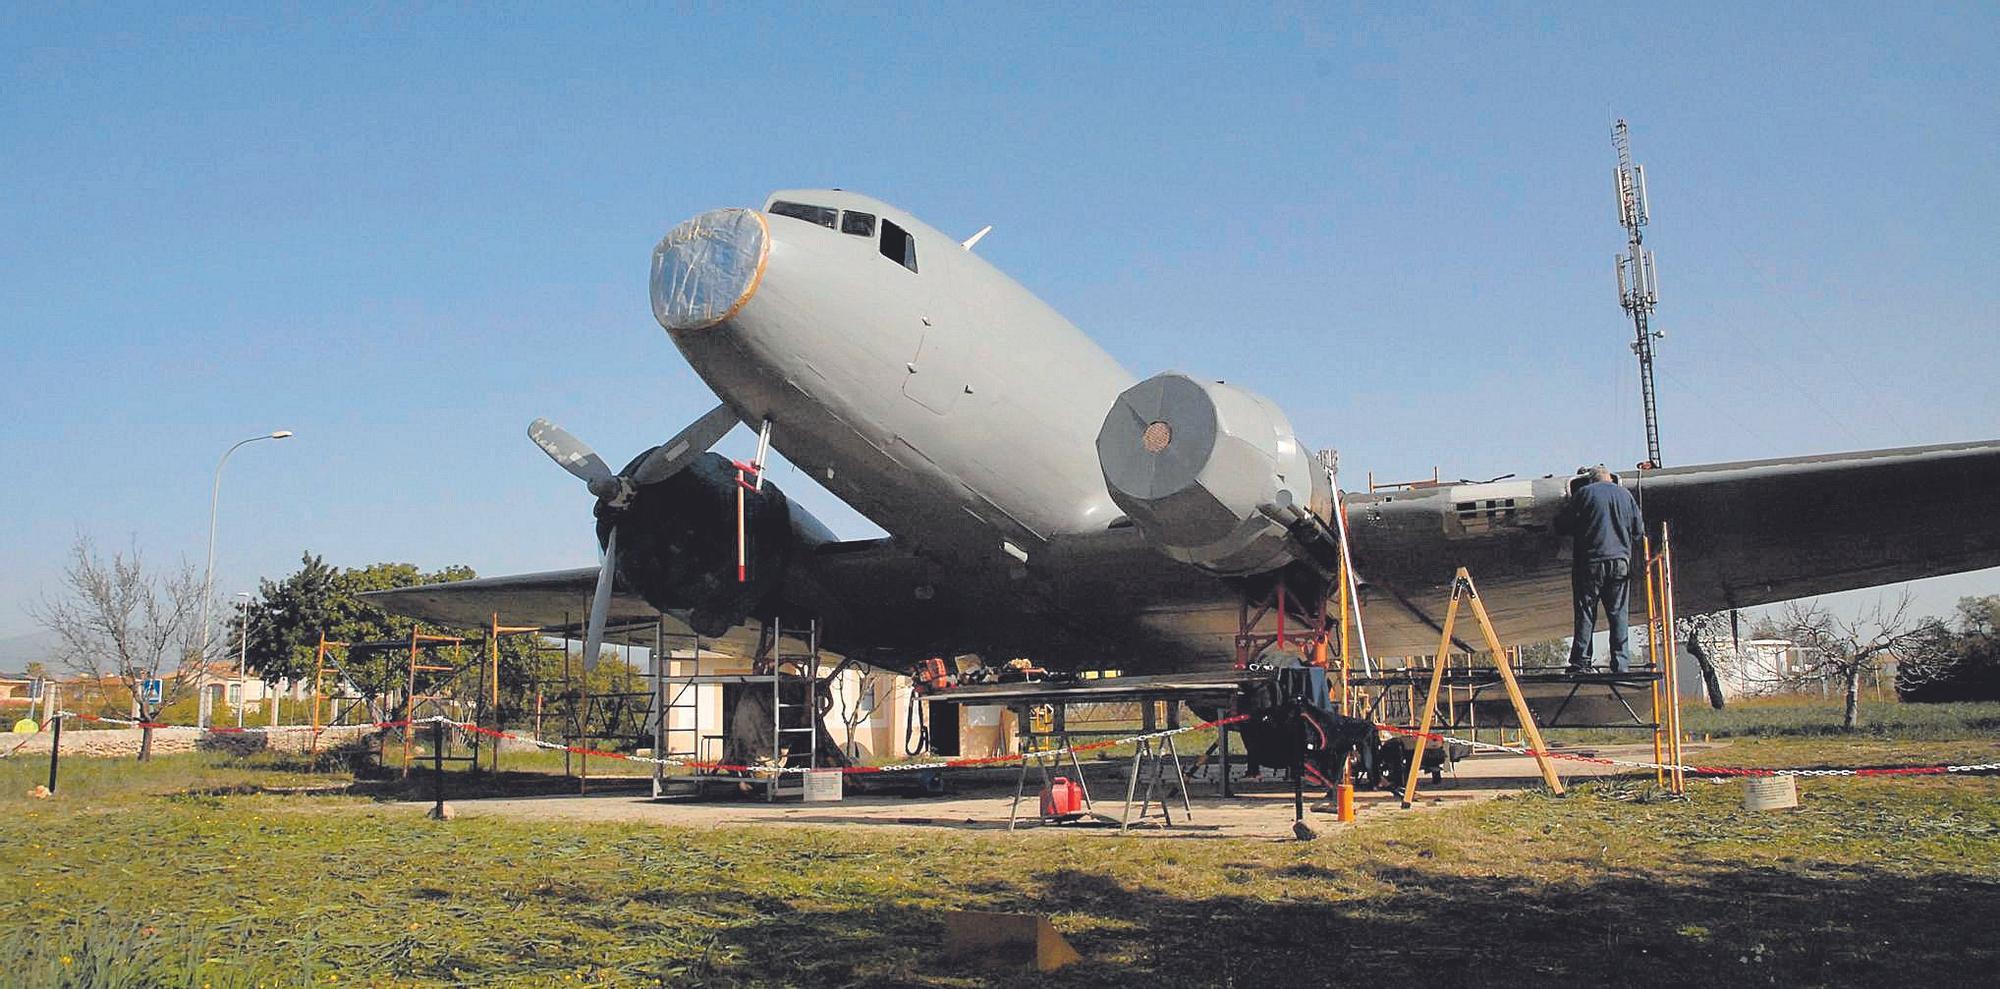 Un voluntario trabajando en la restauración del DC-3. M. Bosch